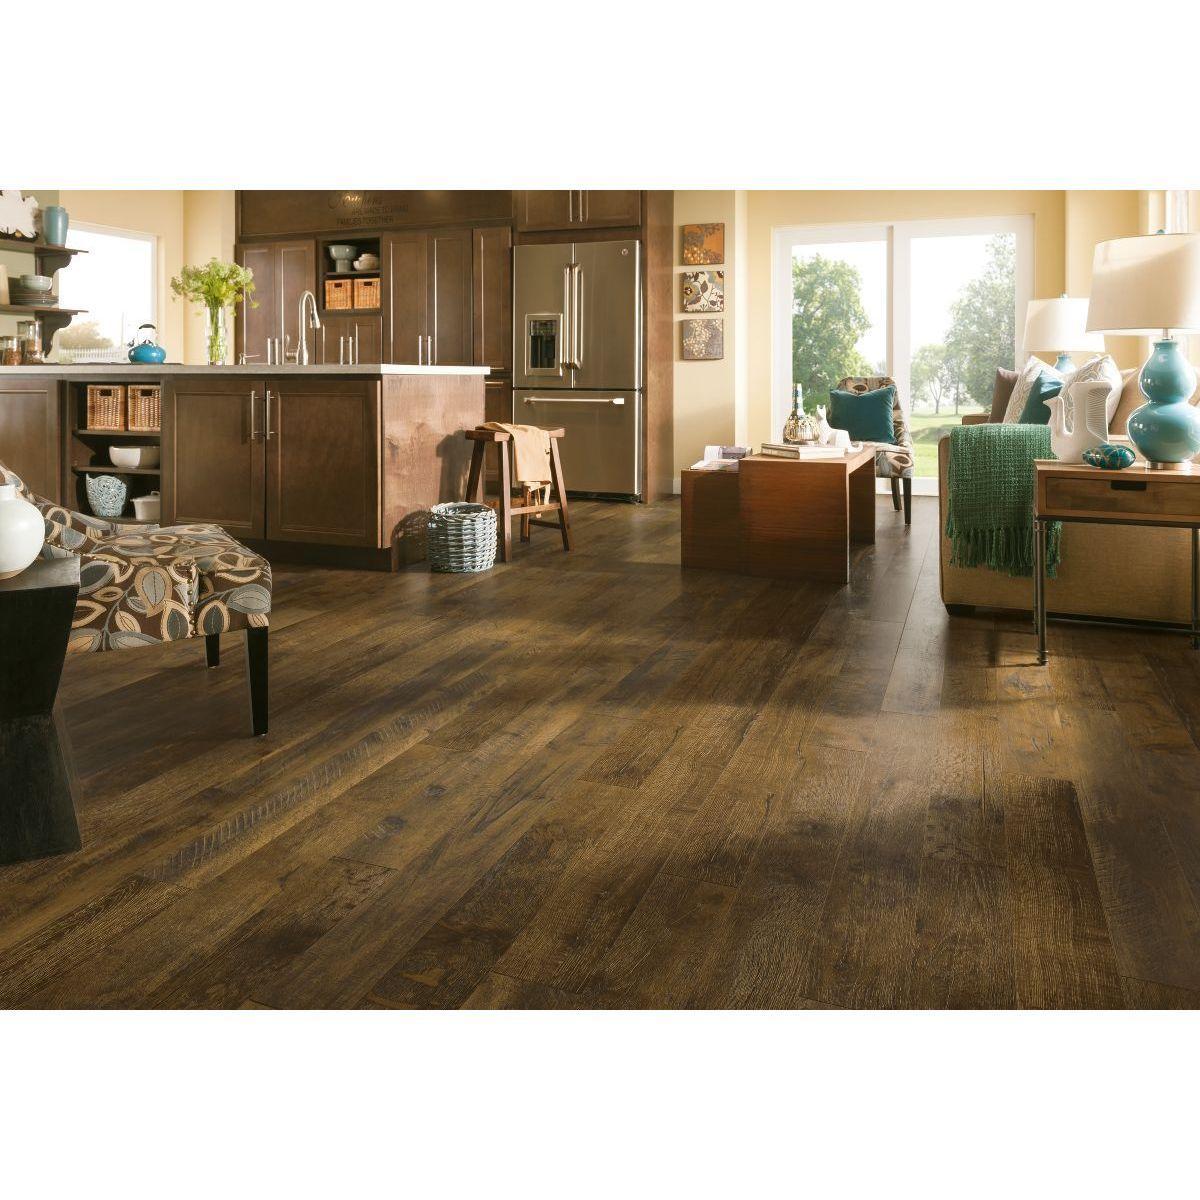 Armstrong rustics premium laminate flooring pack square feet